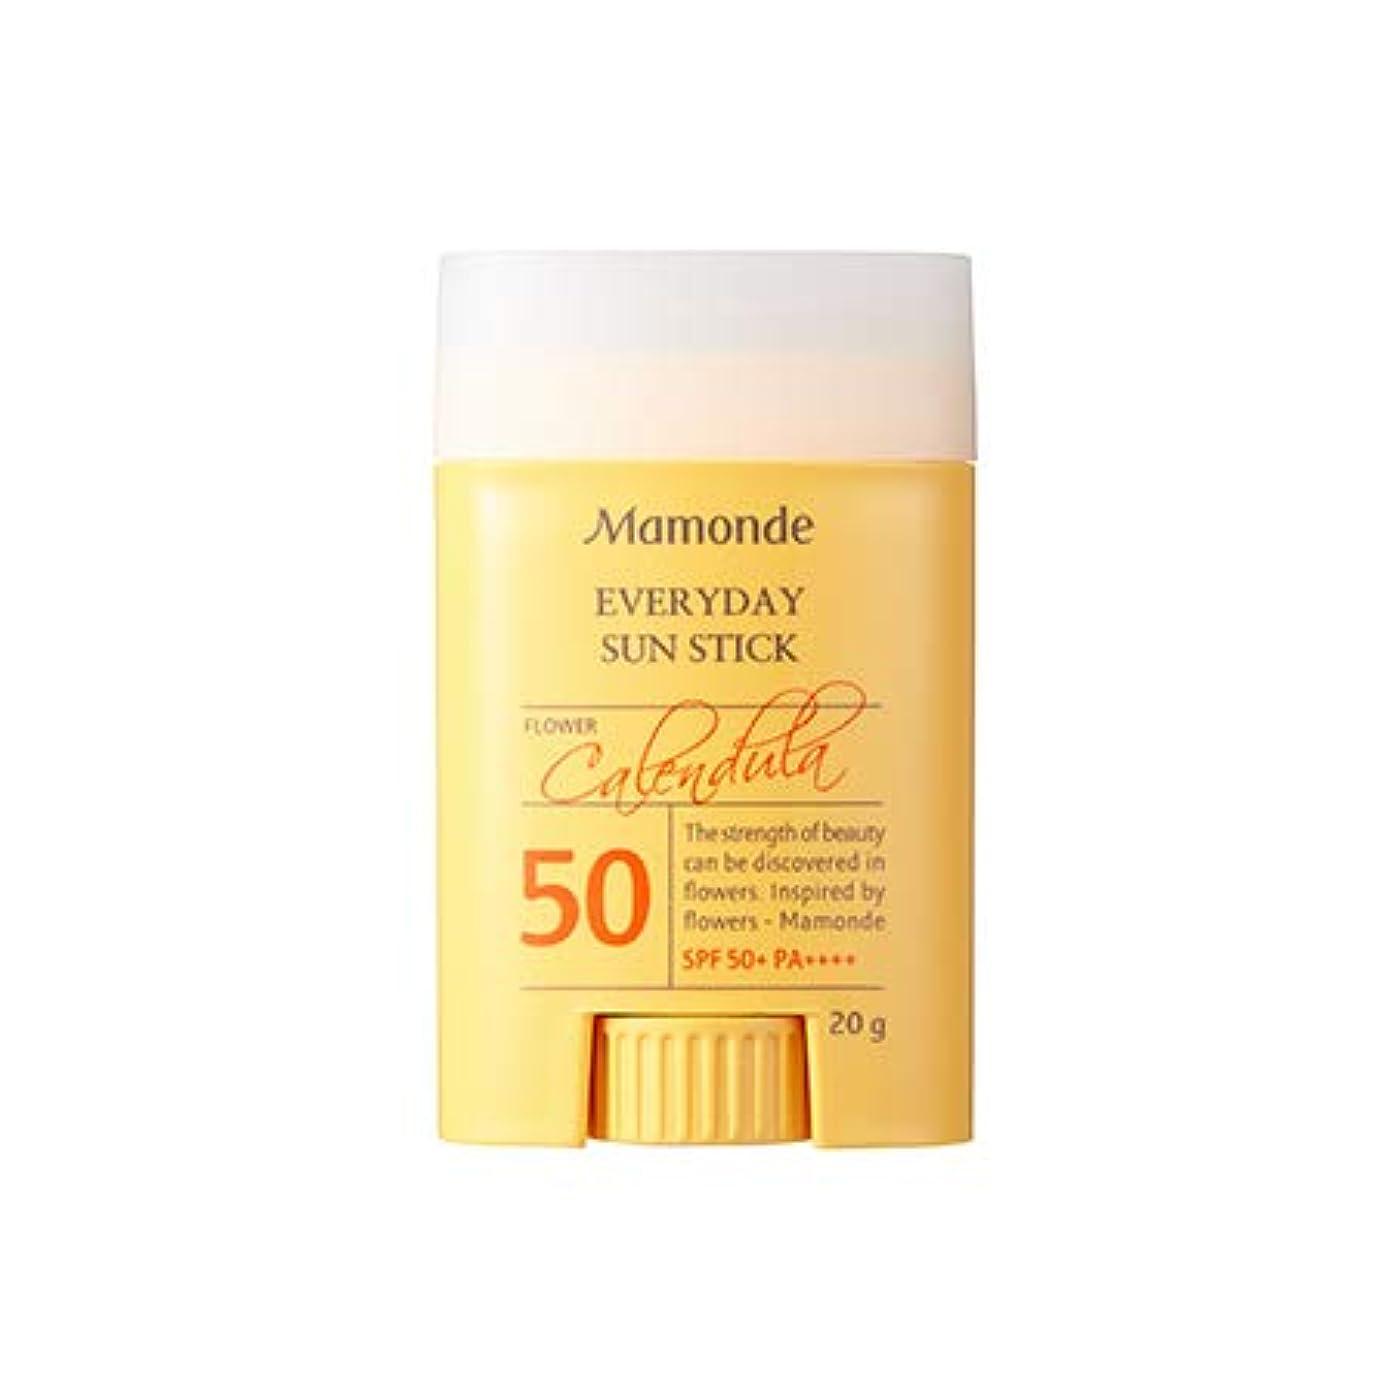 親愛な踏みつけつまずくMamonde Everyday Sun Stick 20g マモンド エブリデーサンスティック (SPF50+/PA++++) [並行輸入品]